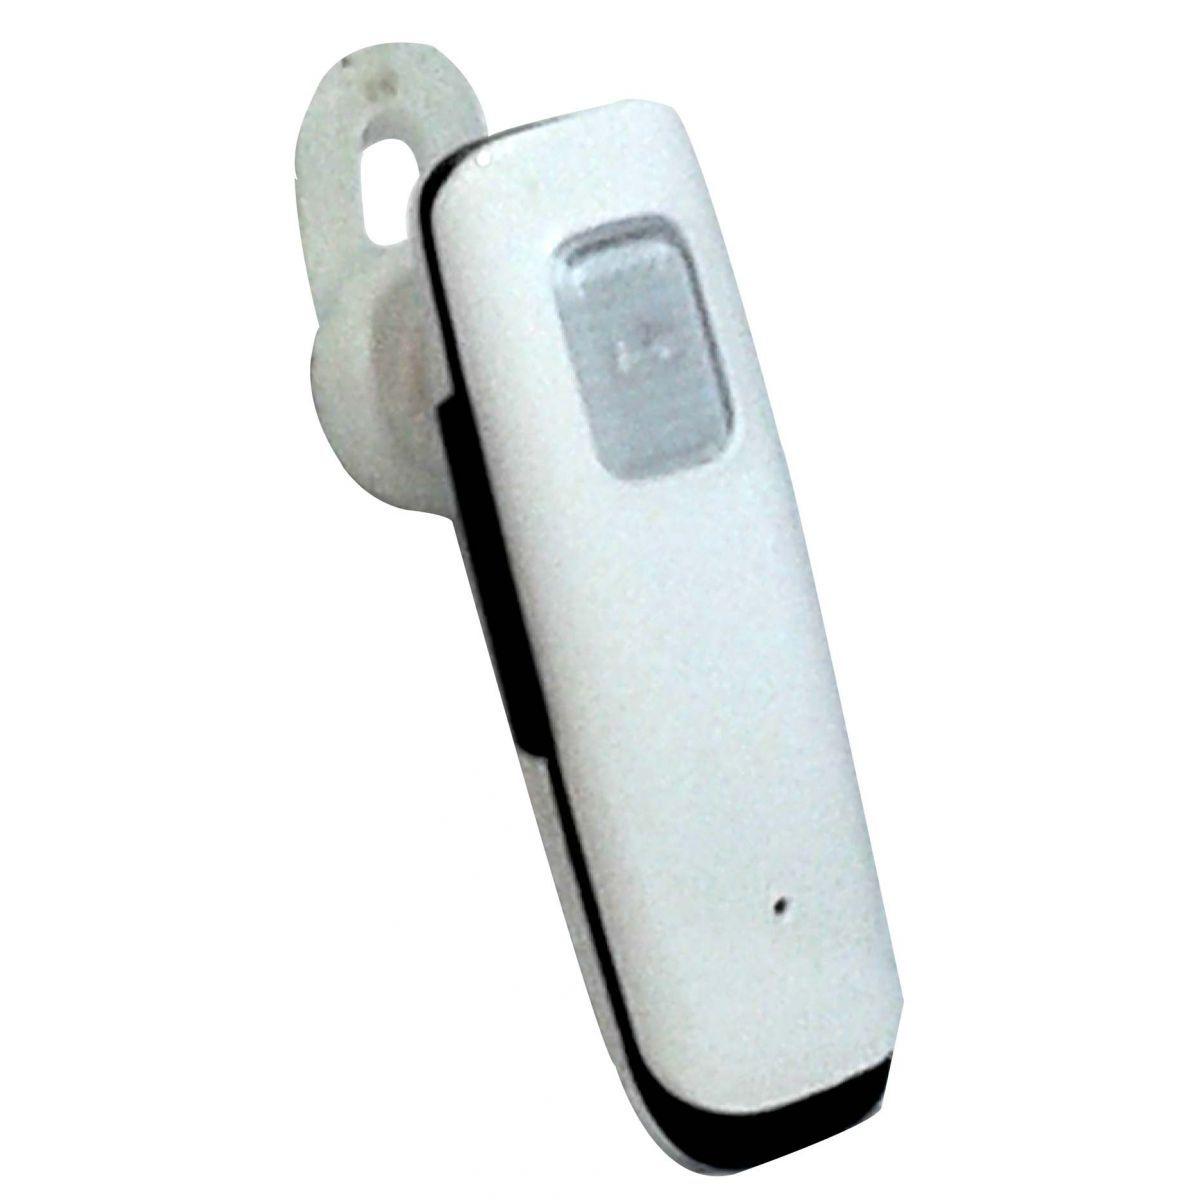 Fone de Ouvido Estéreo Bluetooth Sem Fio  - Mundo Thata